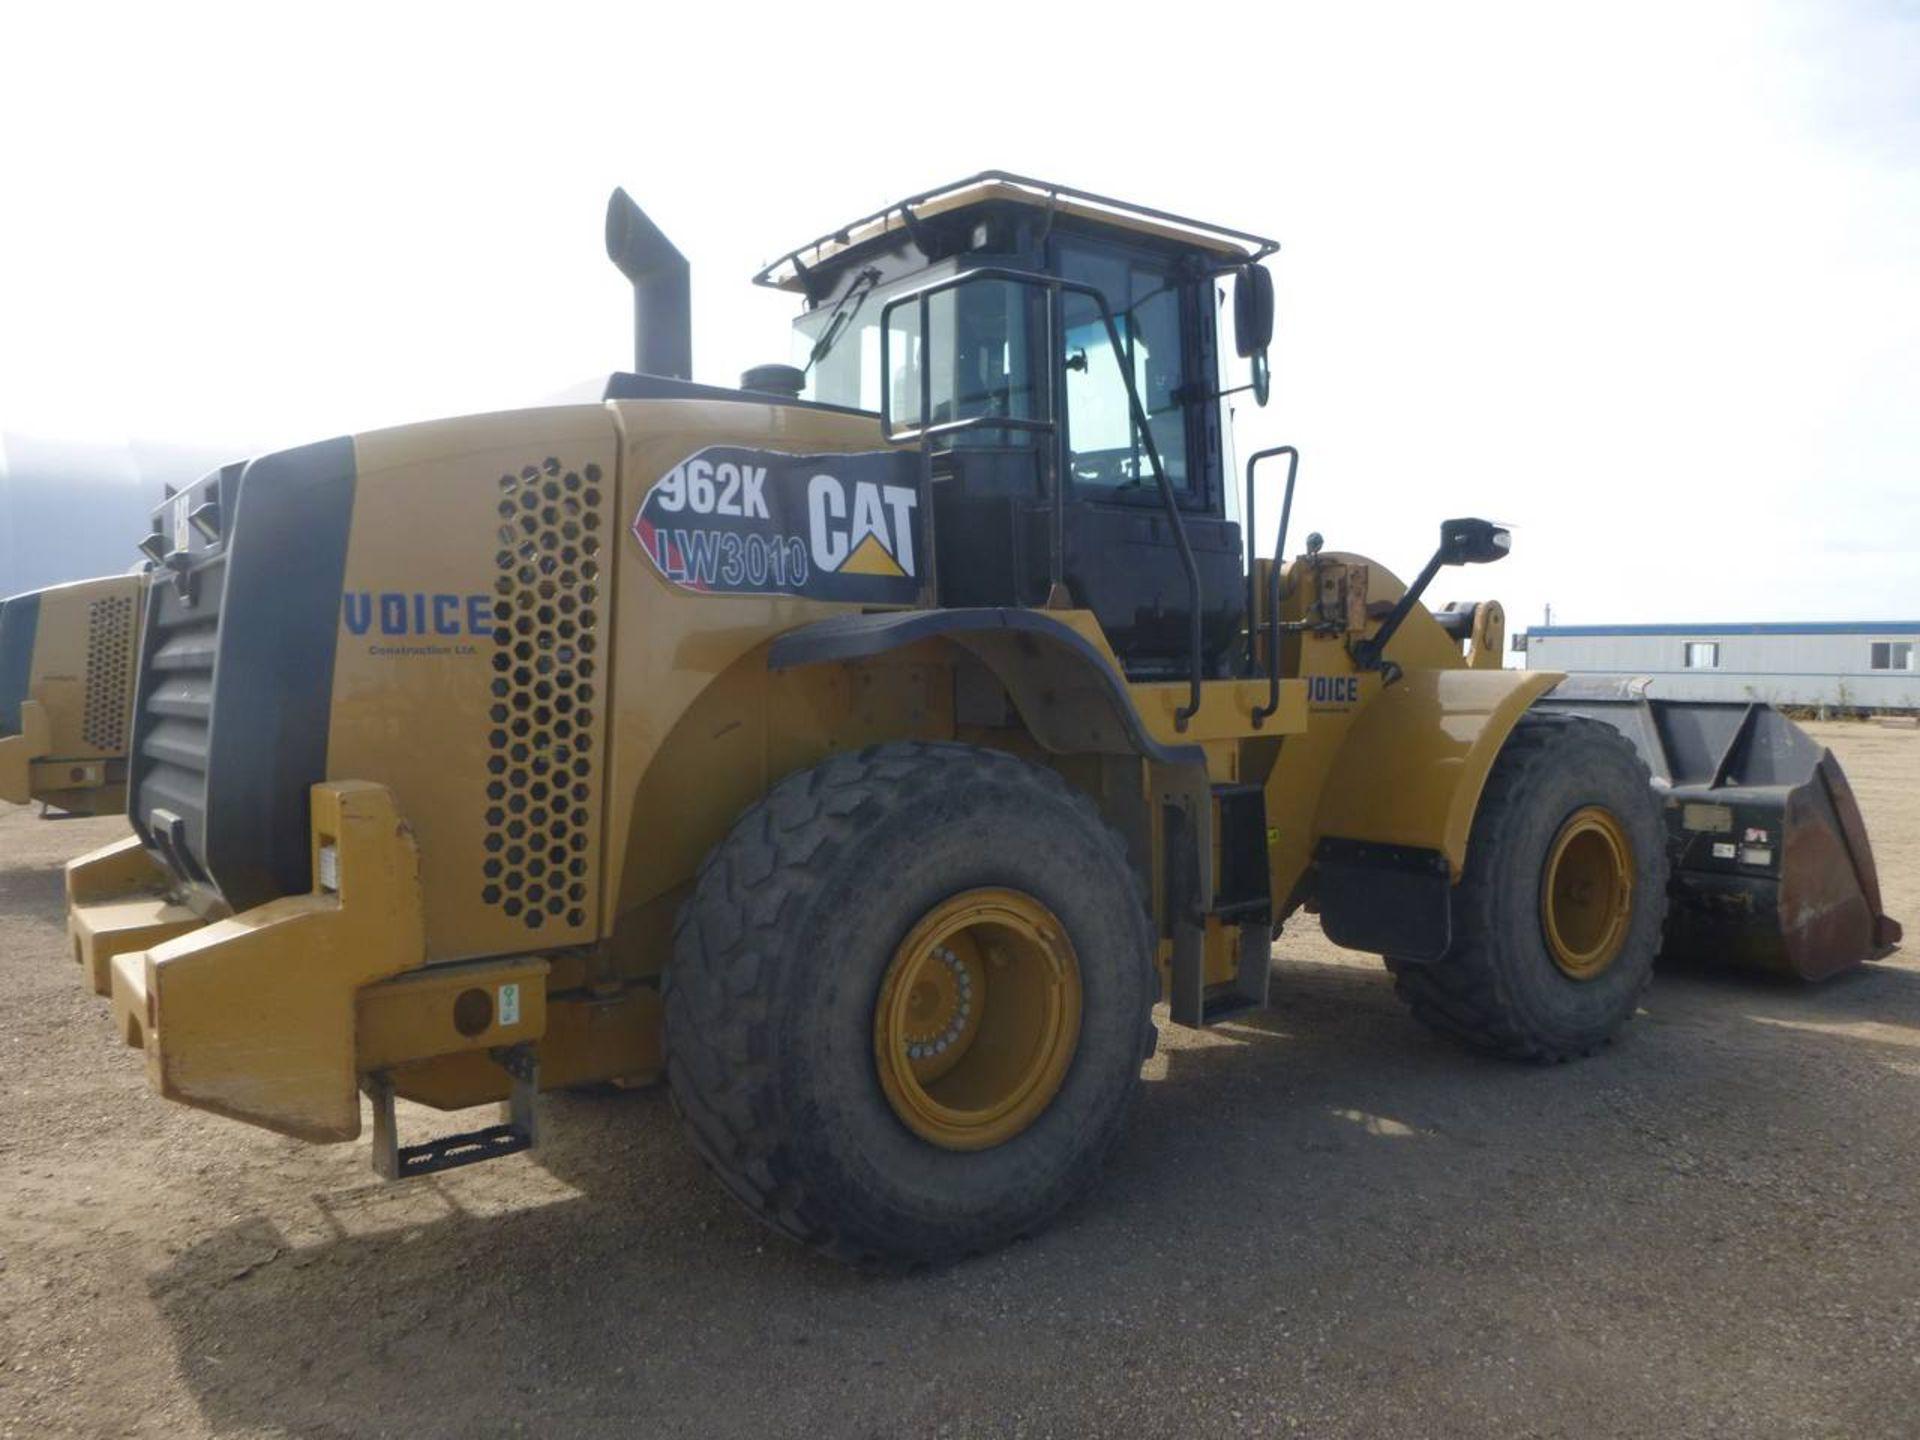 2012 Caterpillar 962K Front End Loader - Image 3 of 10